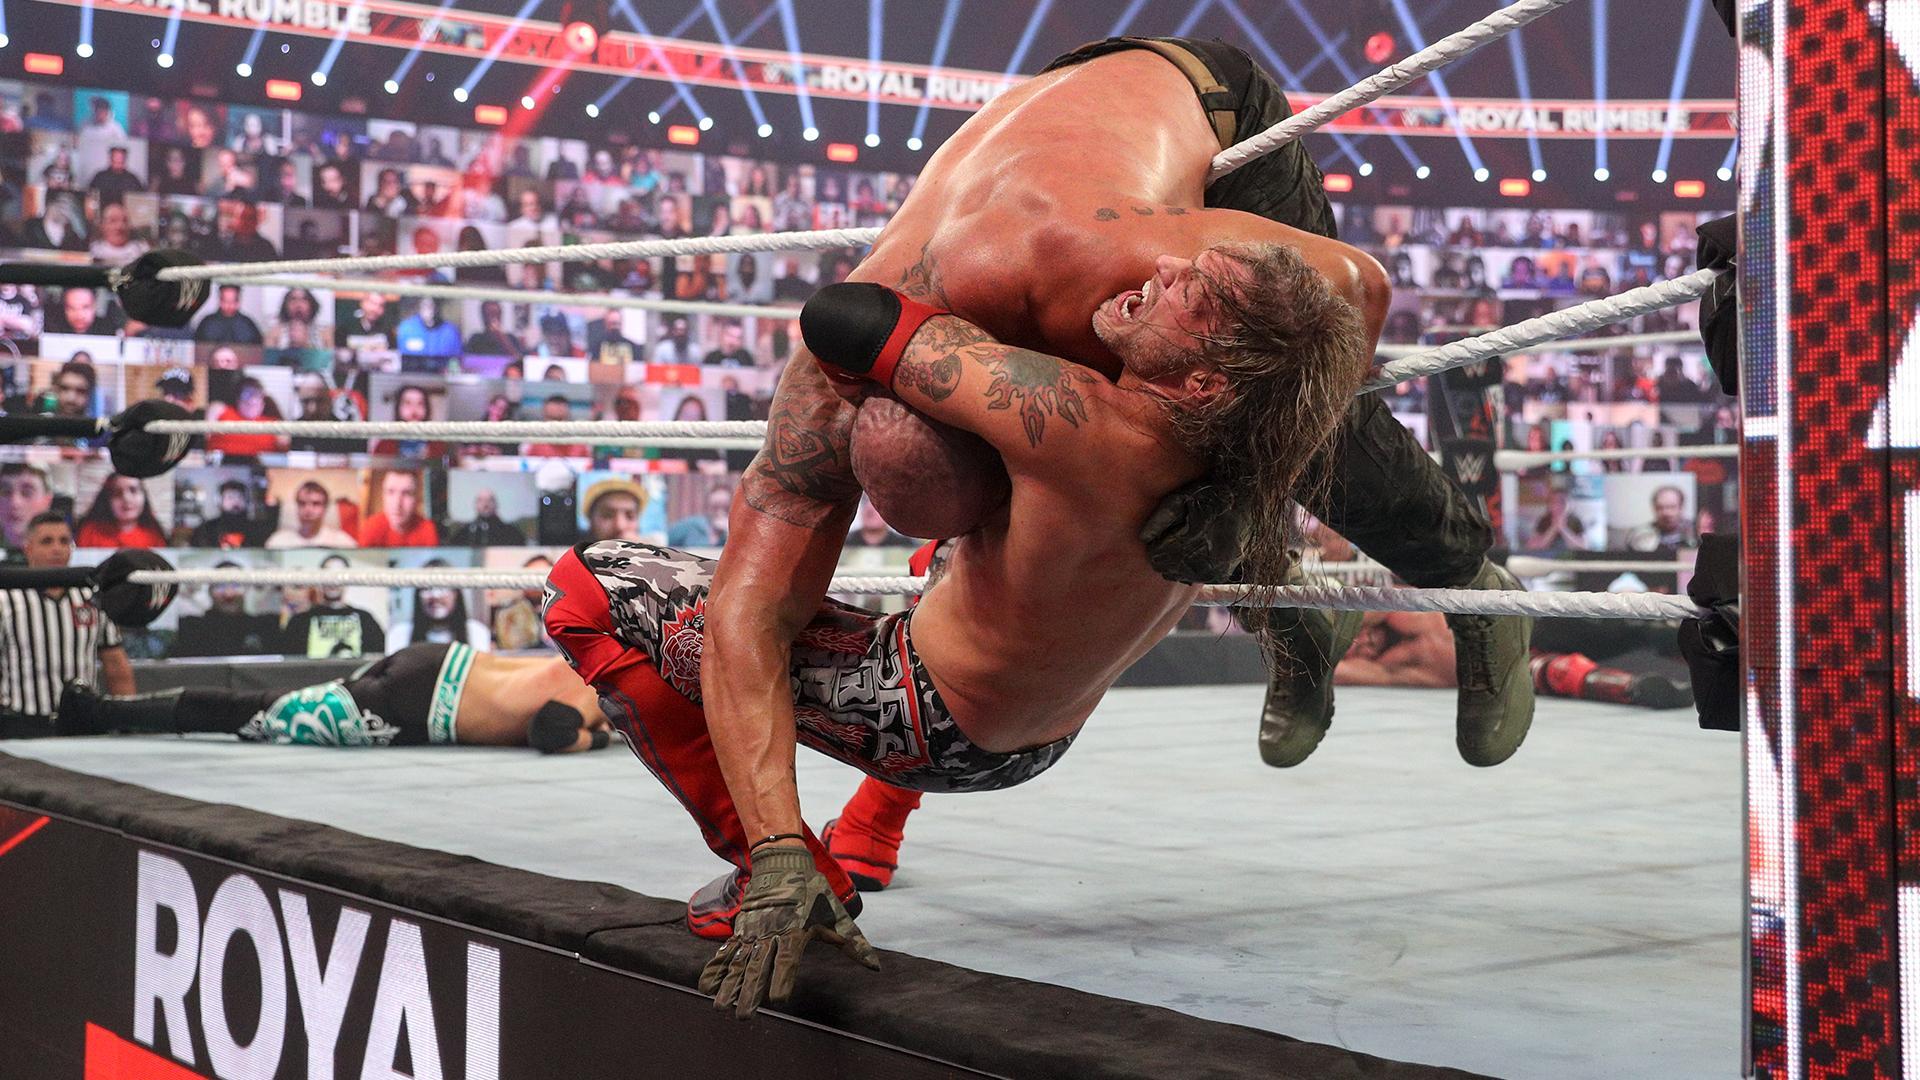 La moyenne d'âge du Royal Rumble Match 2021 fait peur - Catch-Newz